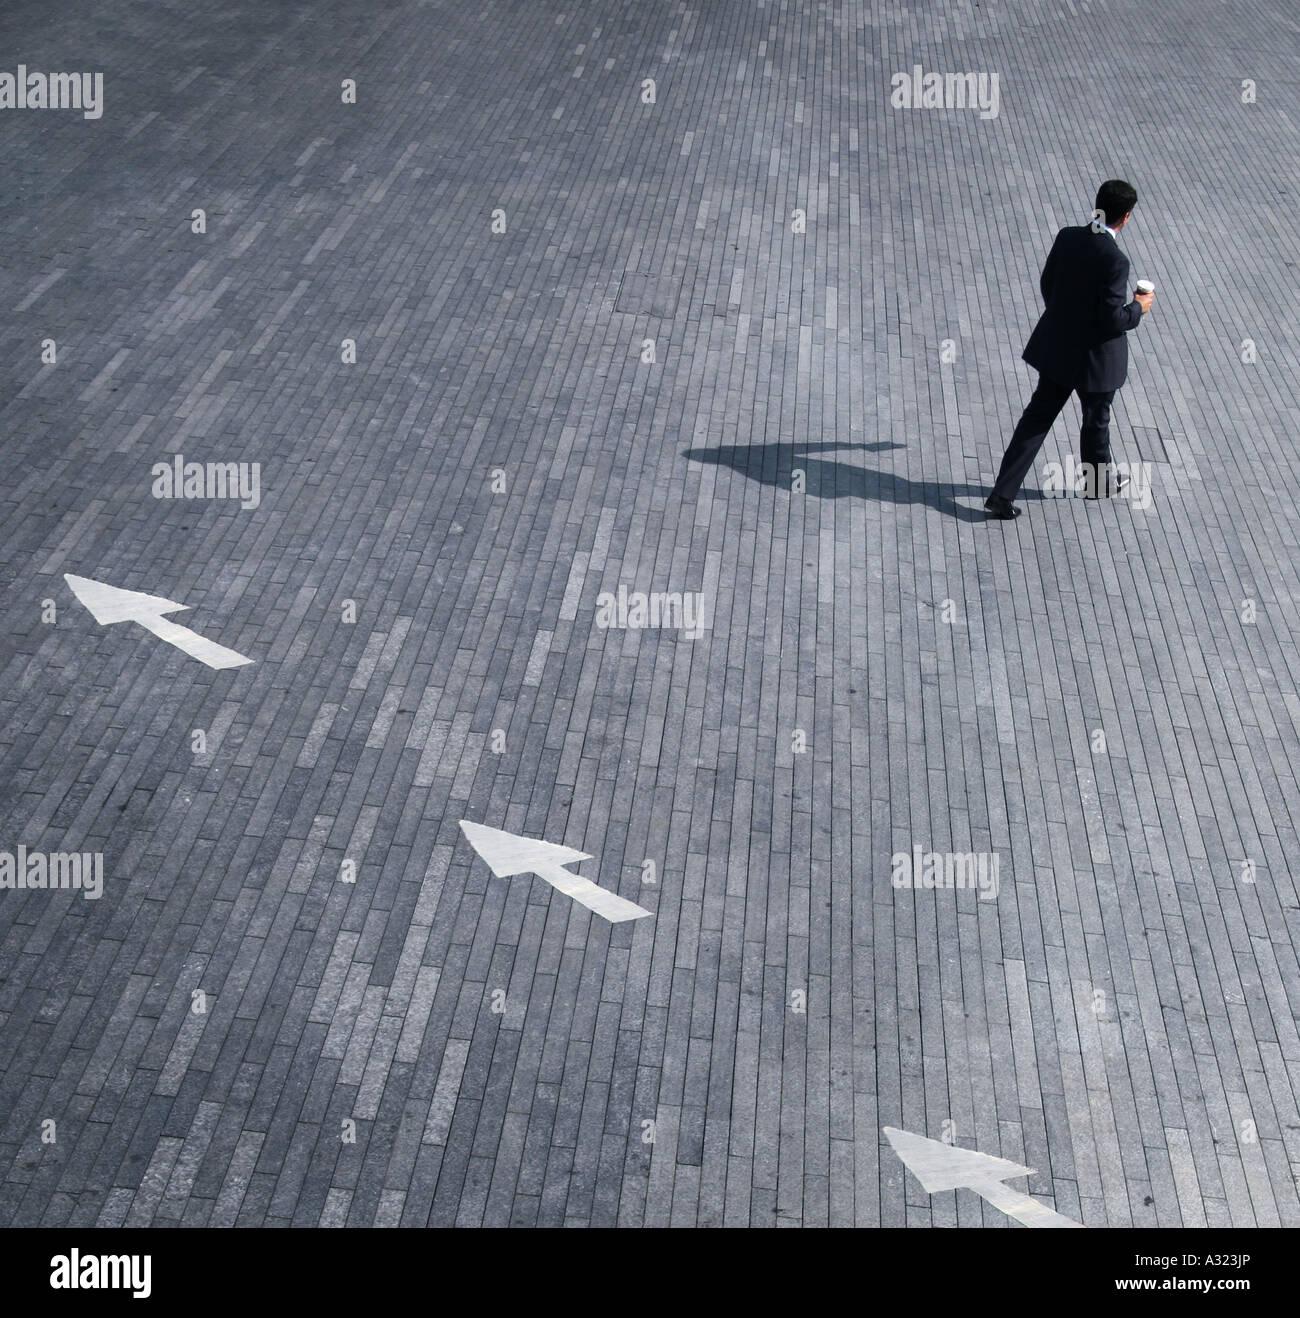 Il concetto di business di un uomo a piedi nella direzione opposta delle frecce Immagini Stock